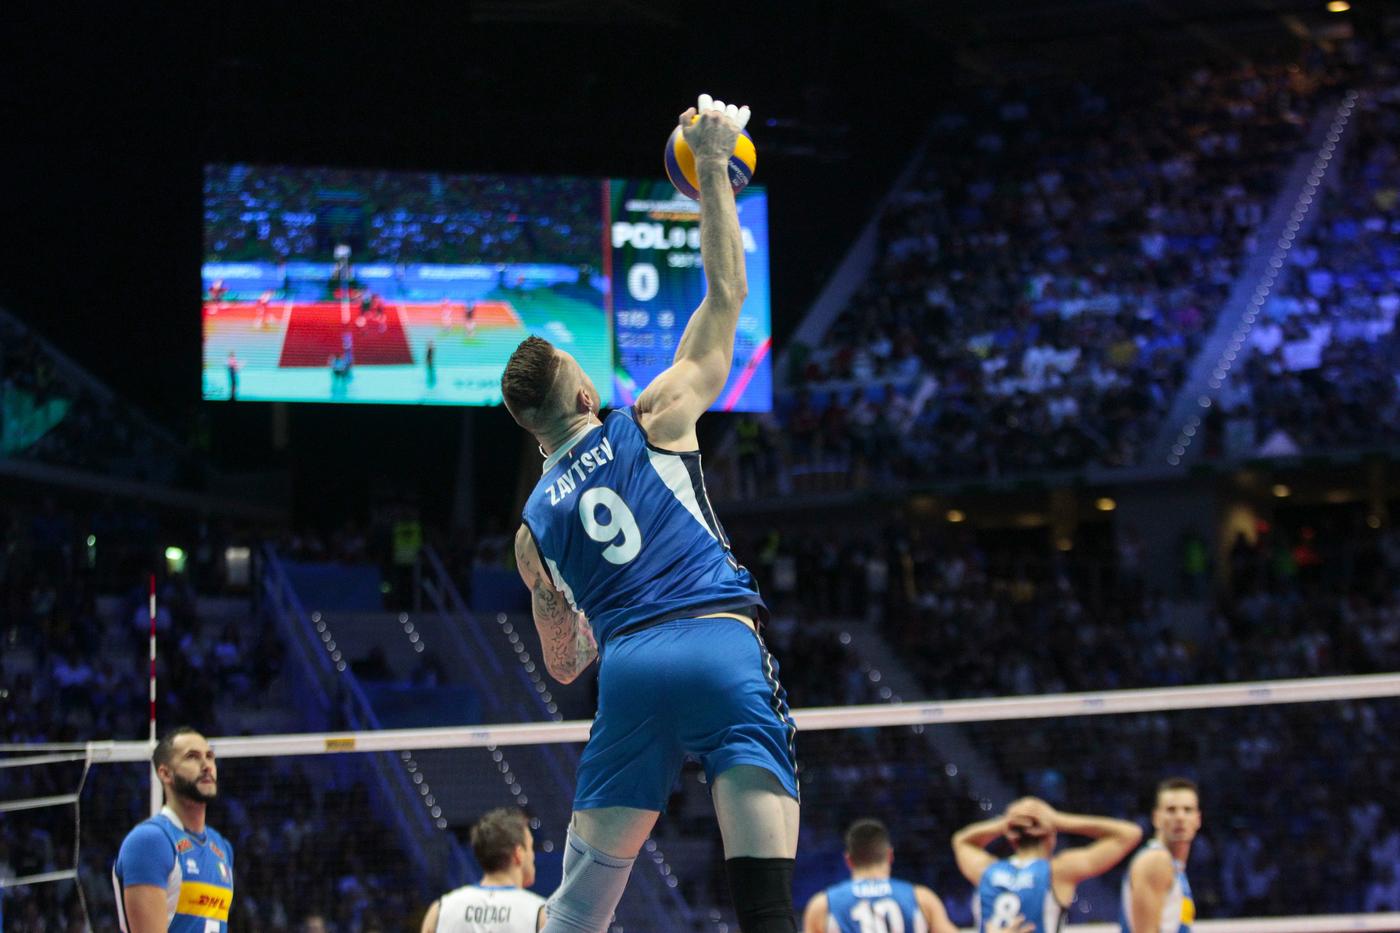 LIVE Italia Iran 3 1, Olimpiadi volley in DIRETTA: le pagelle degli azzurri. Qualificazione ufficiale!